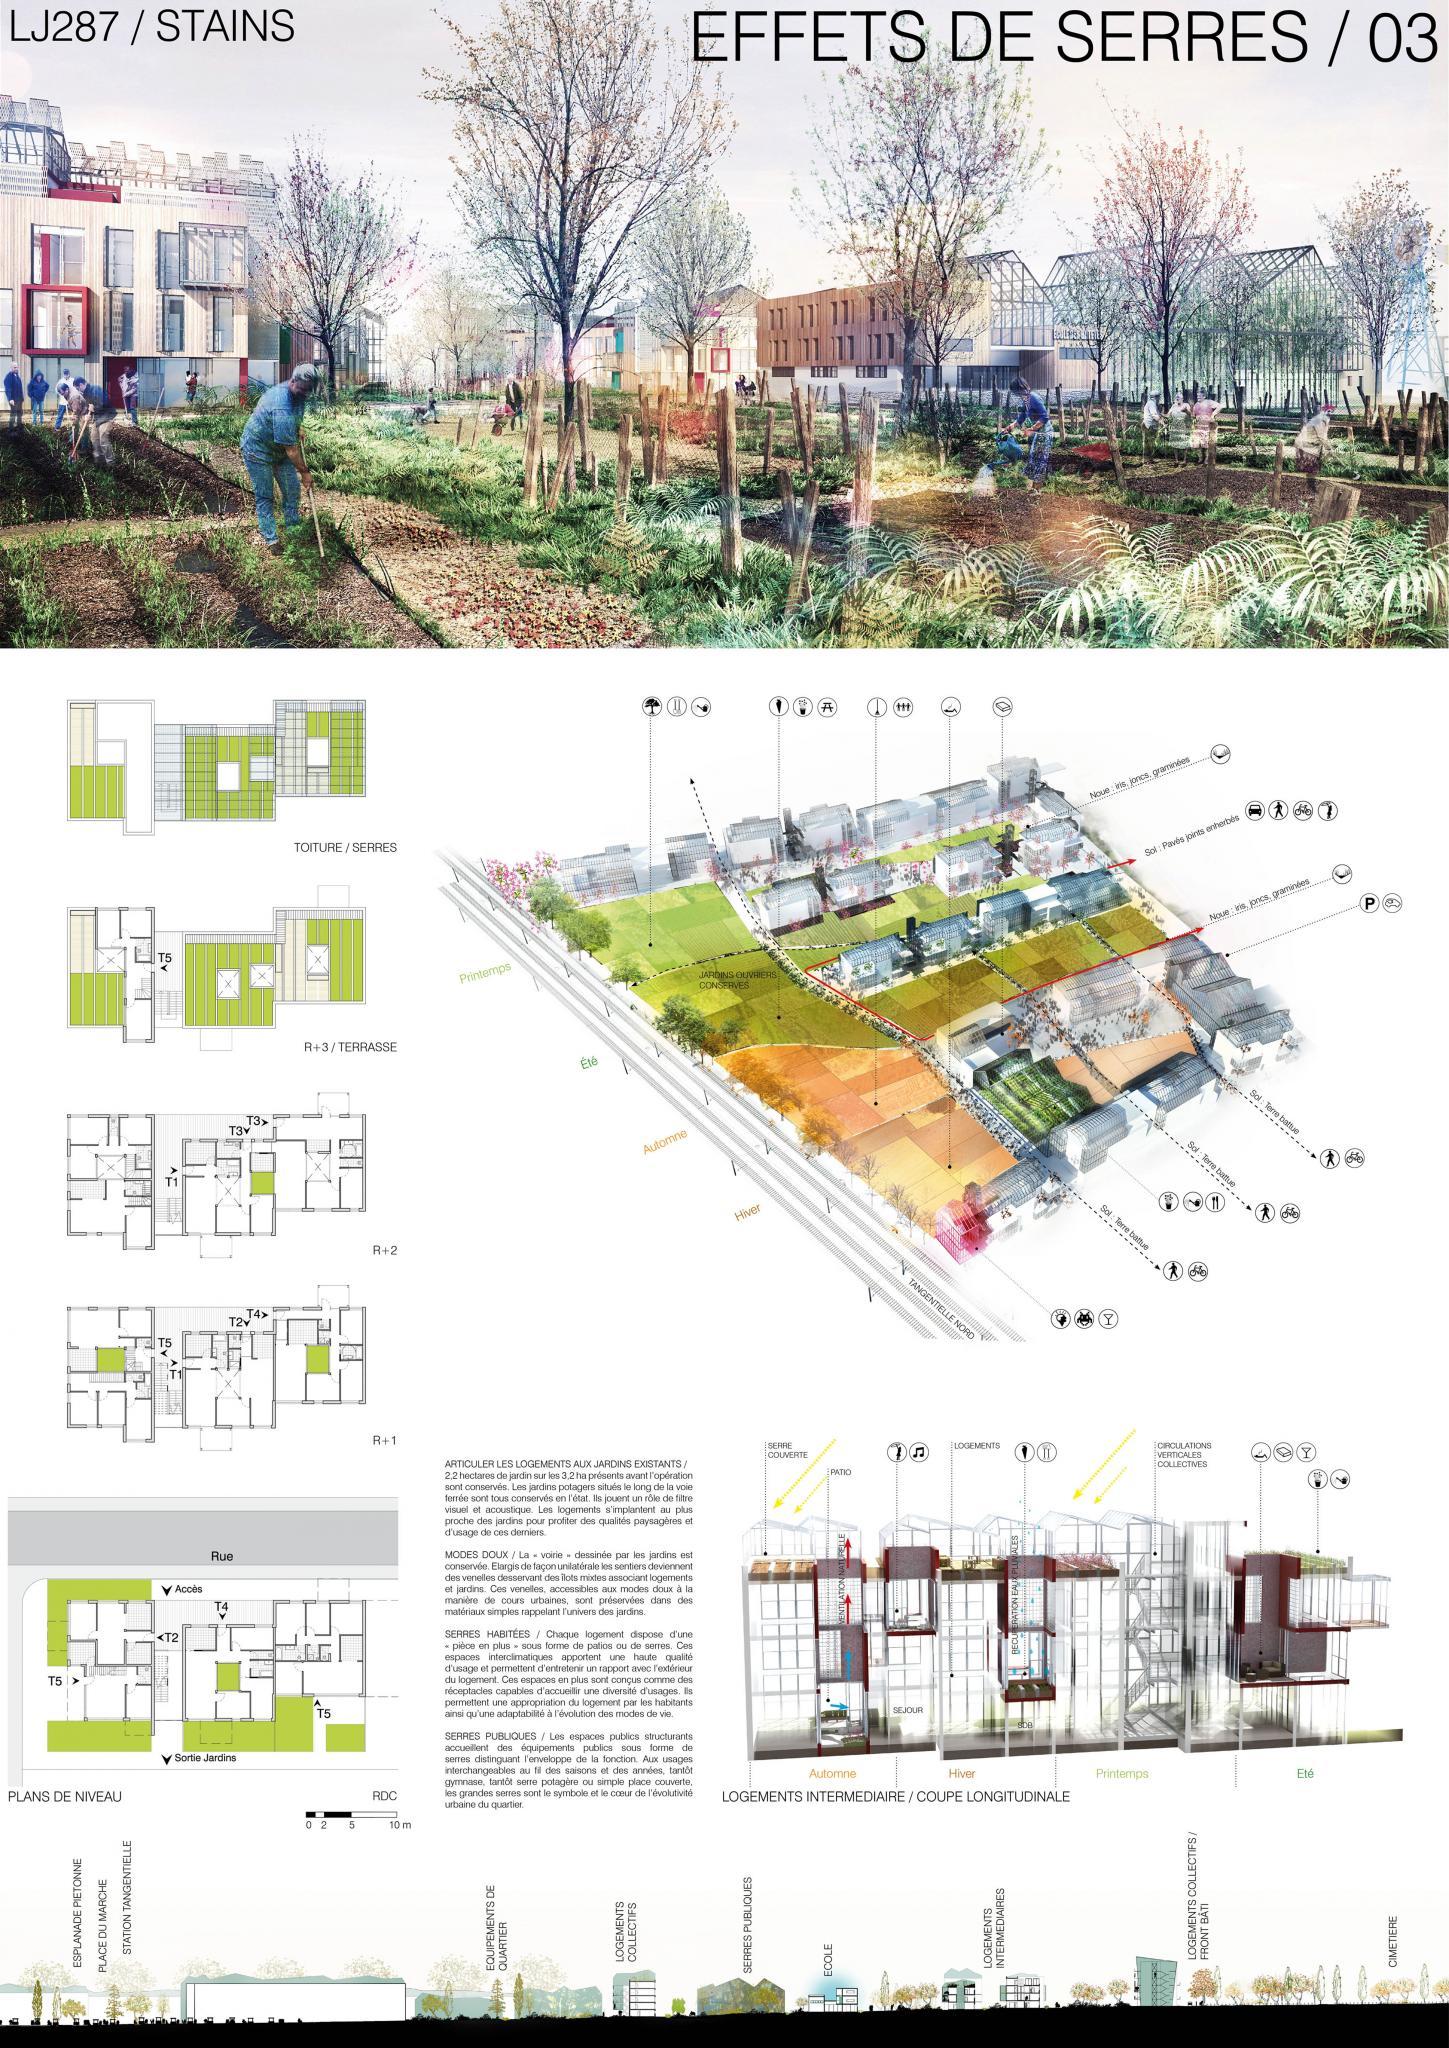 Le jardin de catherine catalogue for Jardin de catherine